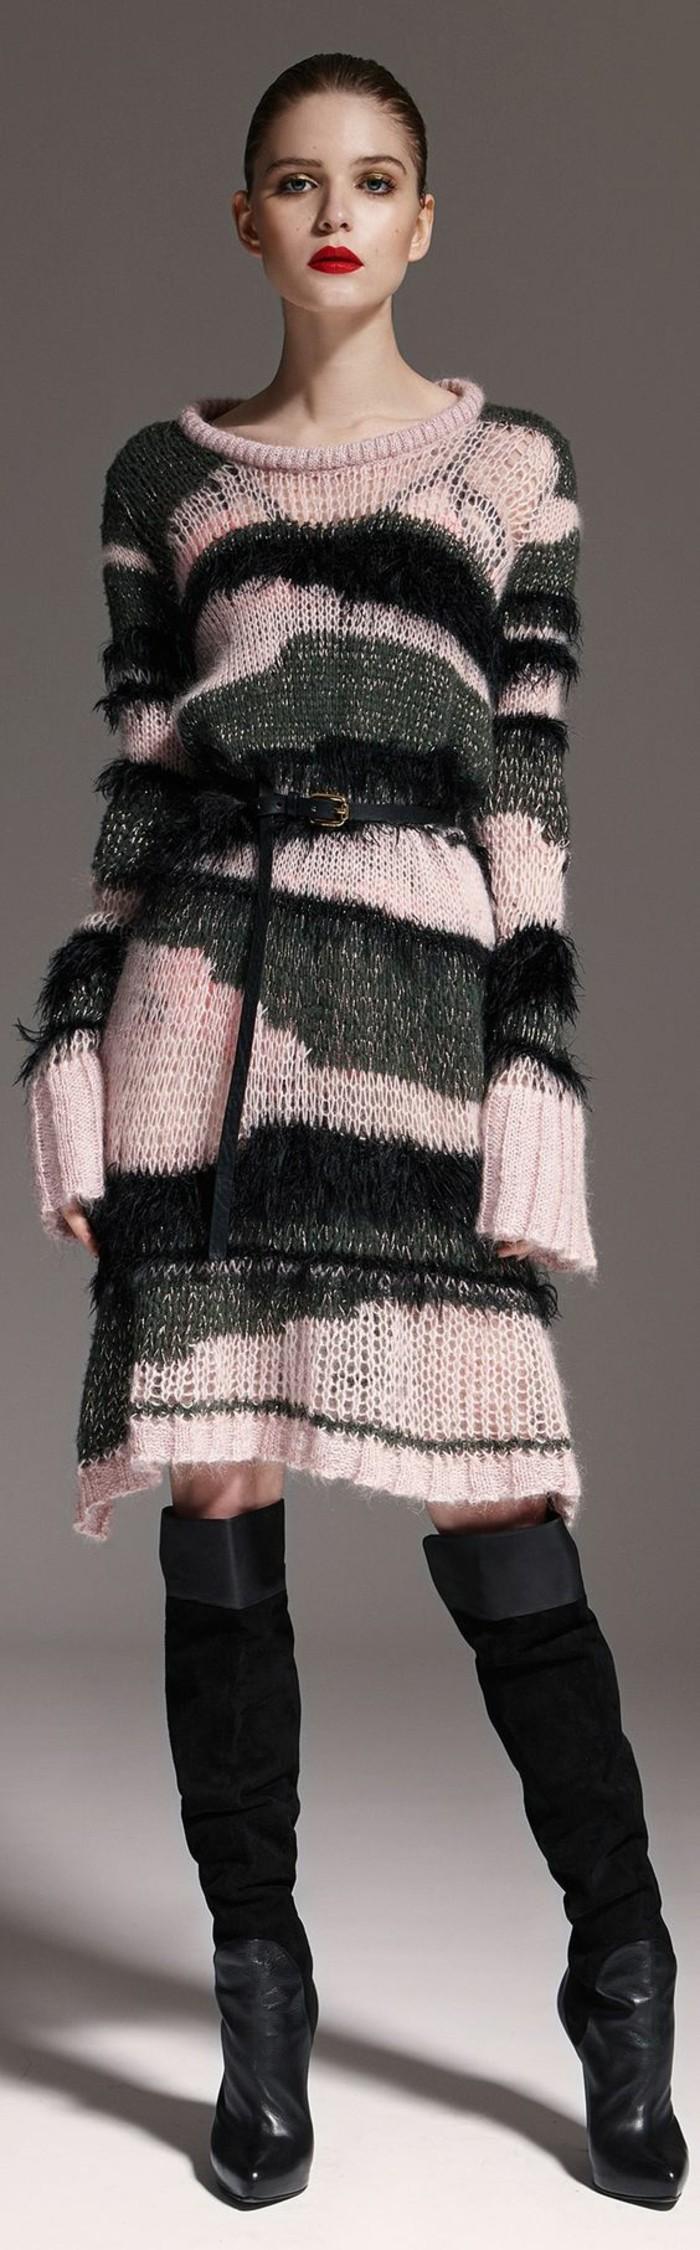 robe-en-laine-mohair-aux-couleurs-pastel